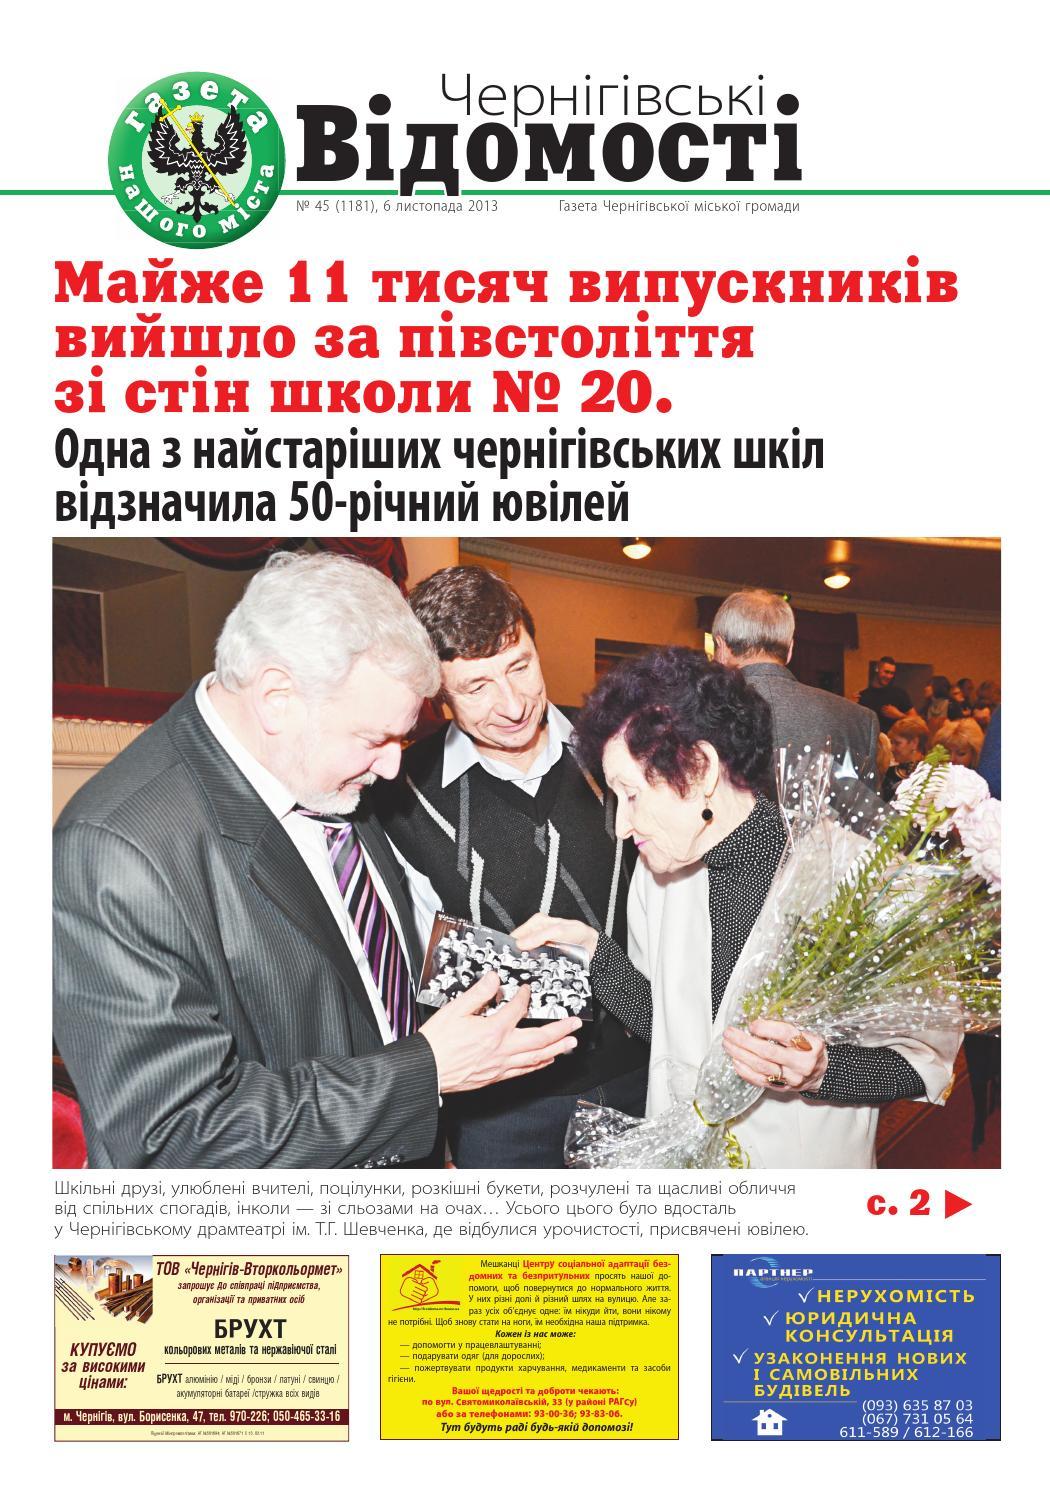 Чернігівські відомості (газета нашого міста) №45 by Alex PAN - issuu 5bd45060470f4